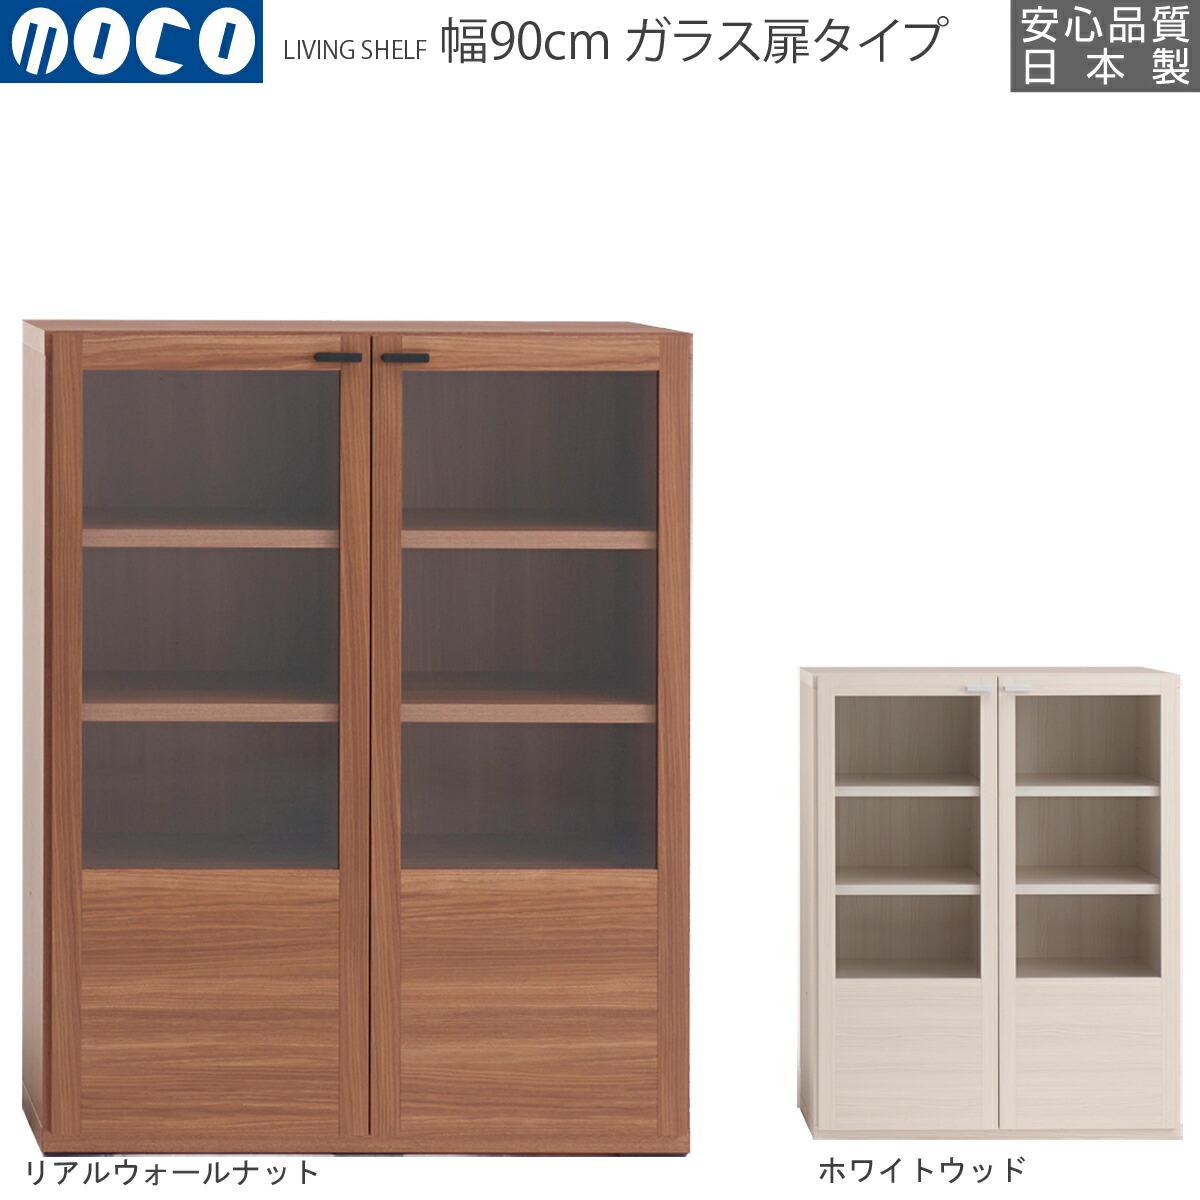 【即納】 フナモコ リビングシェルフ 本棚 完成品 扉付き 大容量 壁面 薄型 スリム 幅90×高さ113.8cm GFD-90 GFS-90 日本製 国産